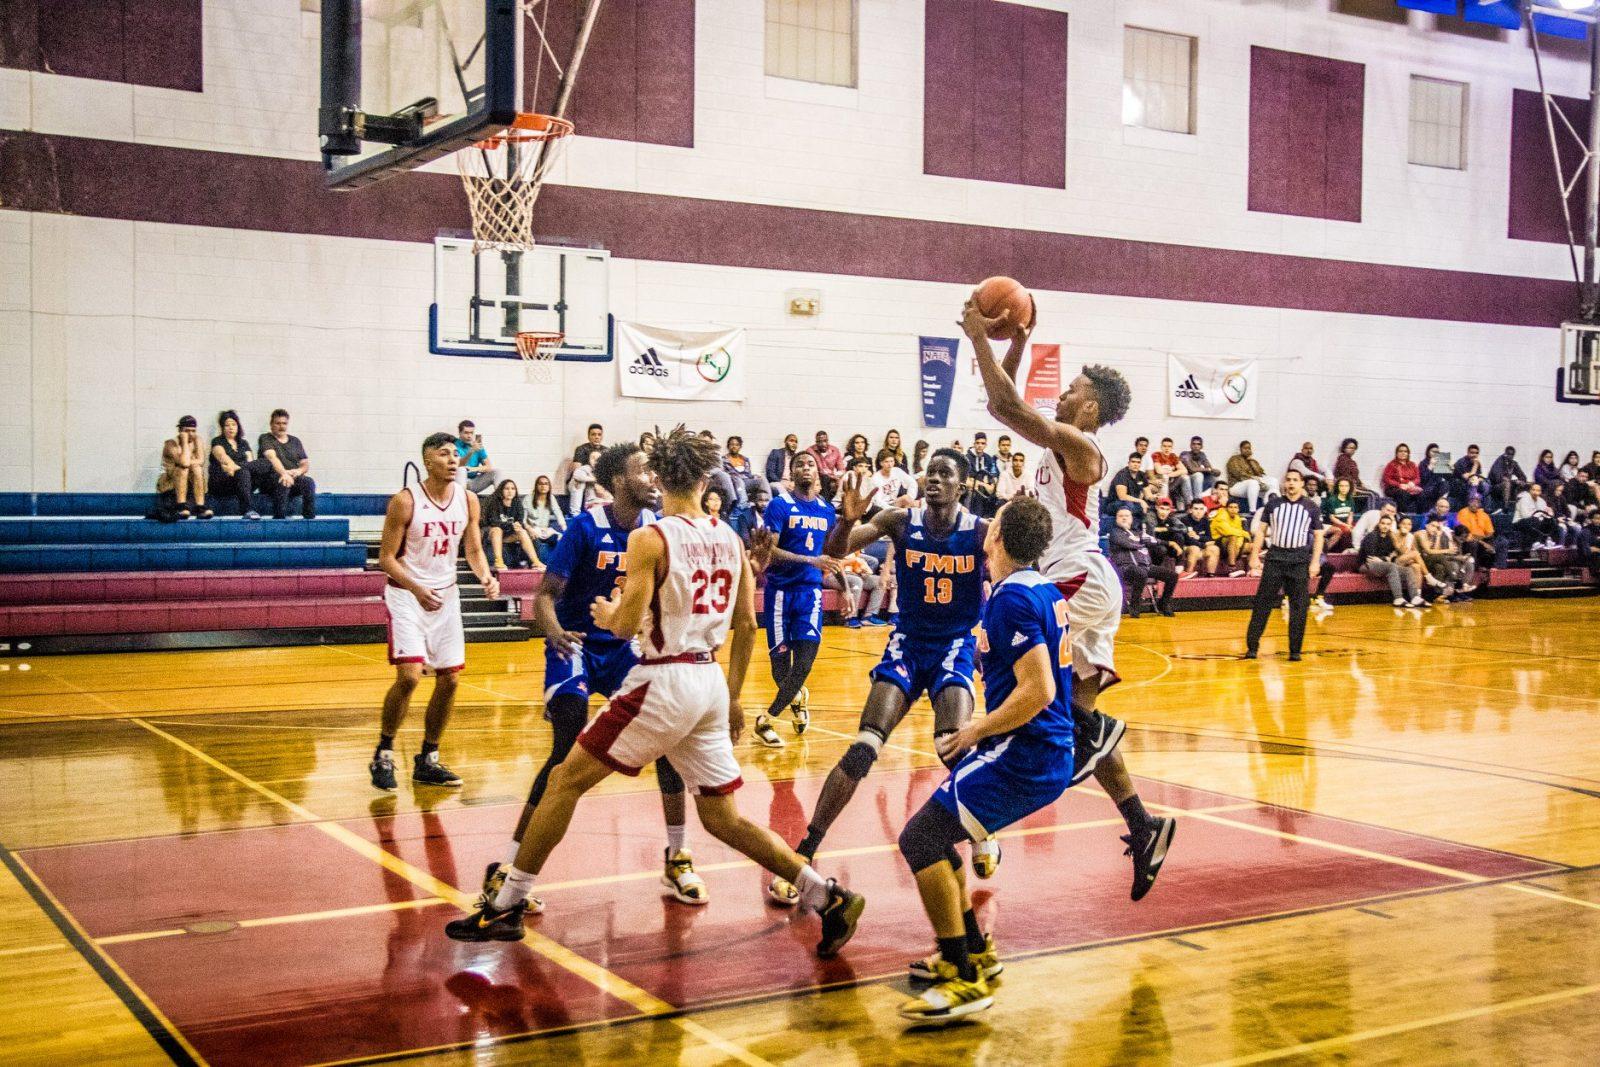 Men's basketball player Jose Benitez Shooting during the game